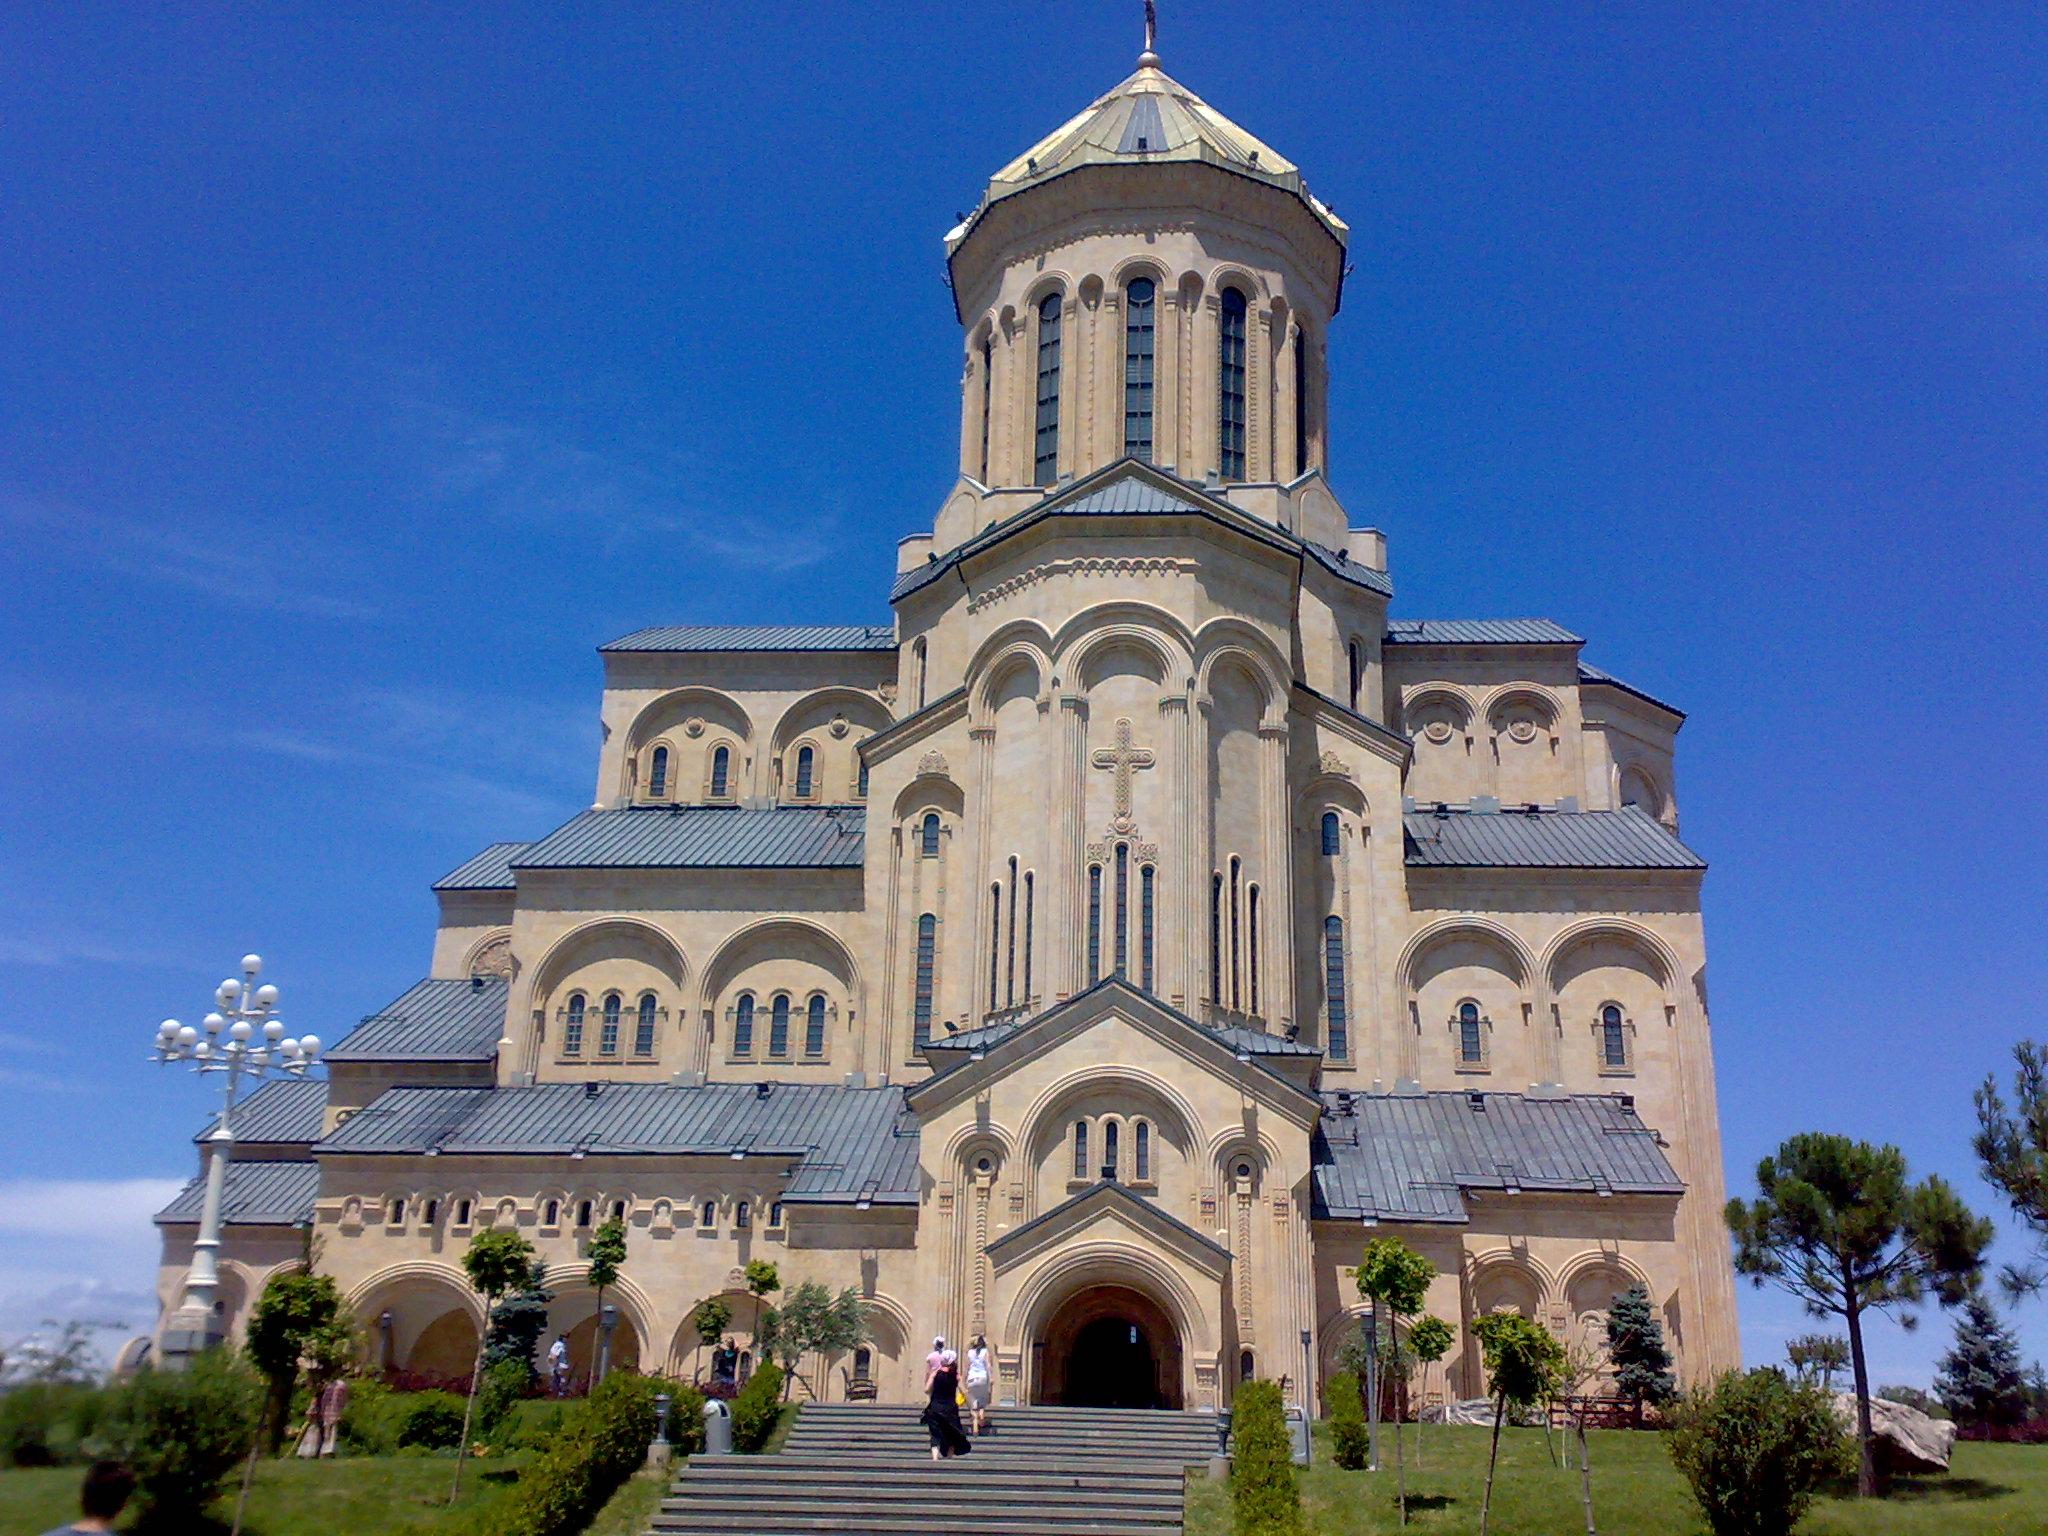 كاتدرائية الثالوث المقدس في تبليسي